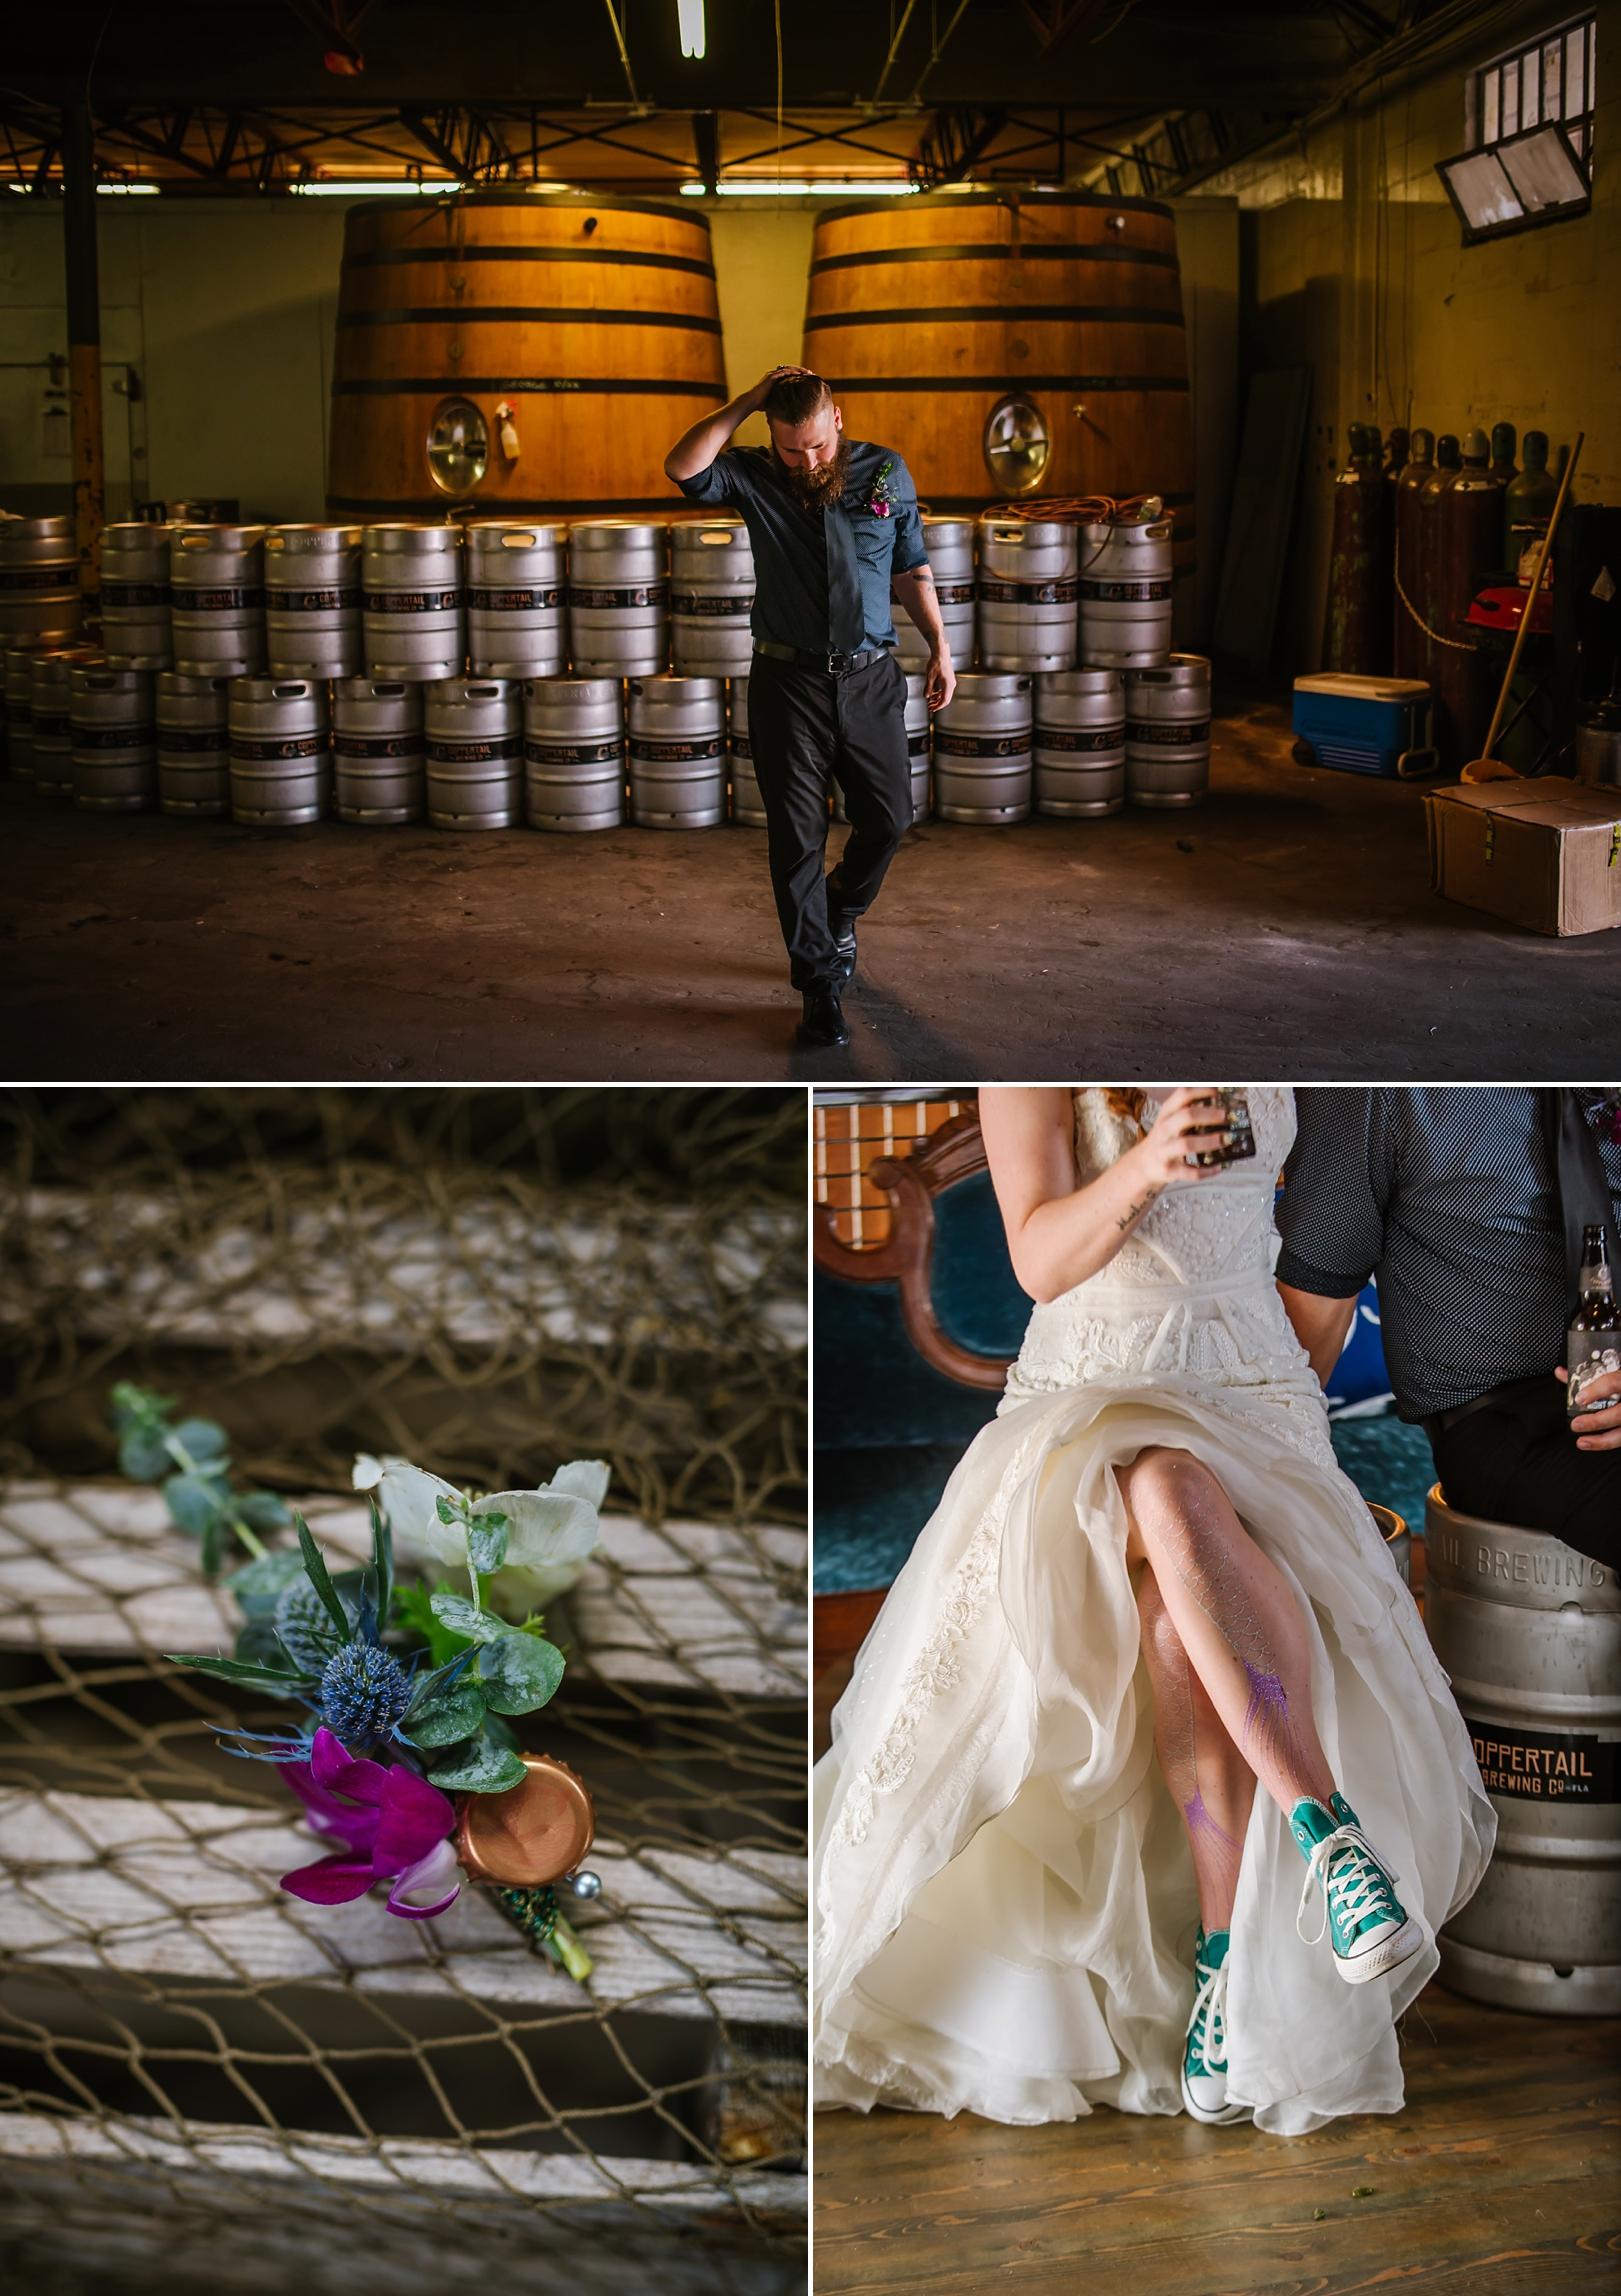 blue-nautical-brewery-unique-wedding-inspiration-photography-ashlee-hamon_0023.jpg